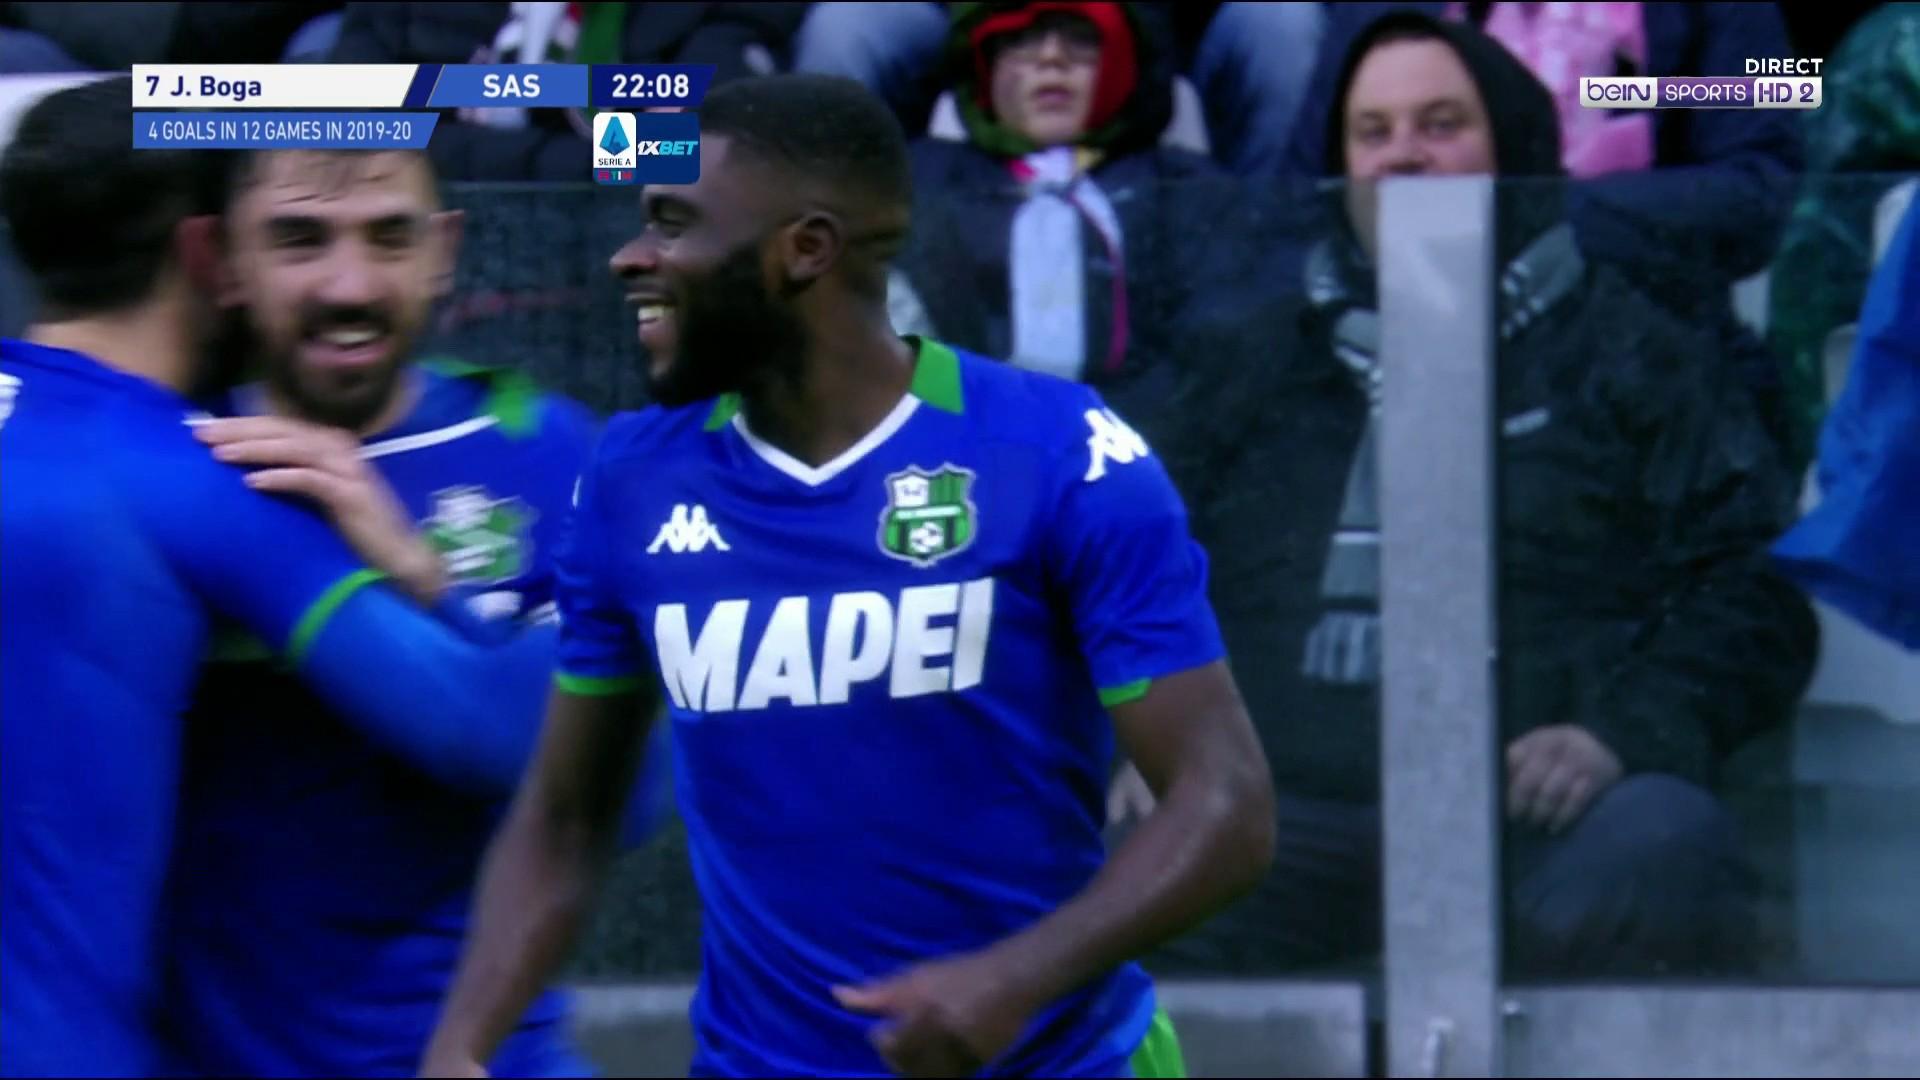 Serie A - Sassuolo : Le piqué magique de Boga devant Buffon !